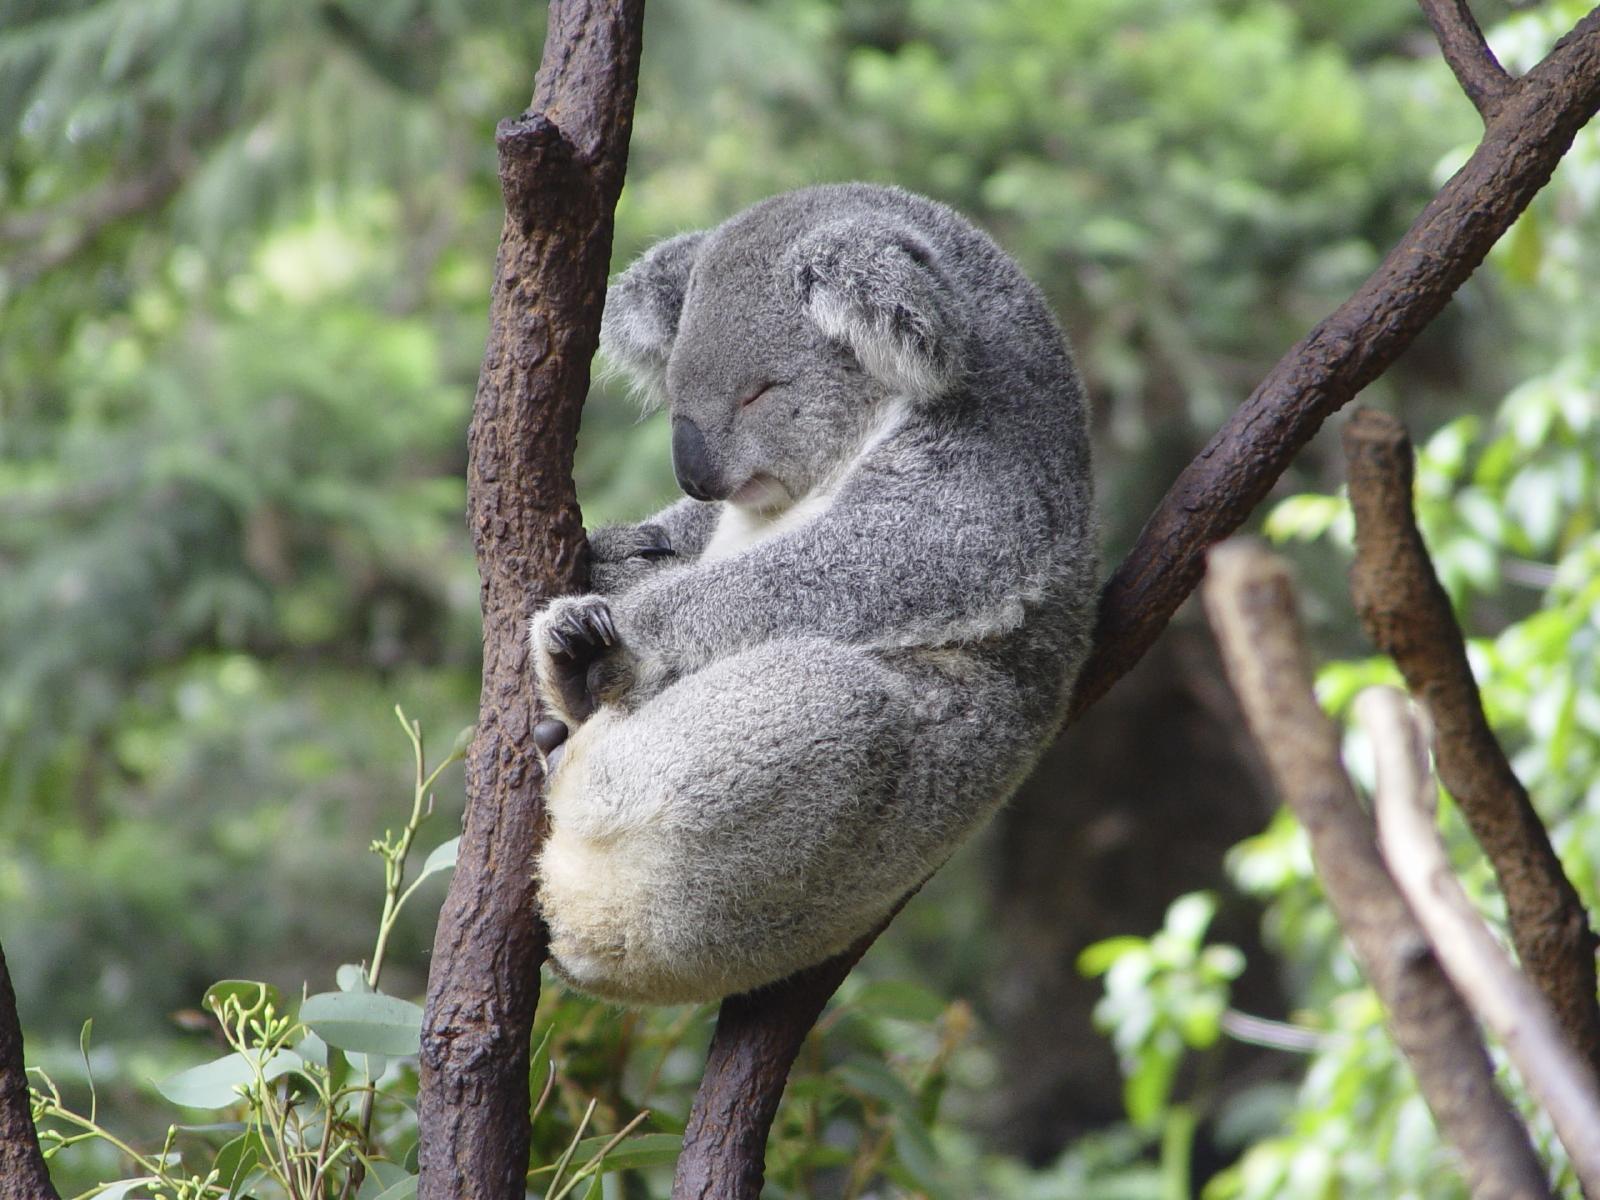 koala_istock.jpg